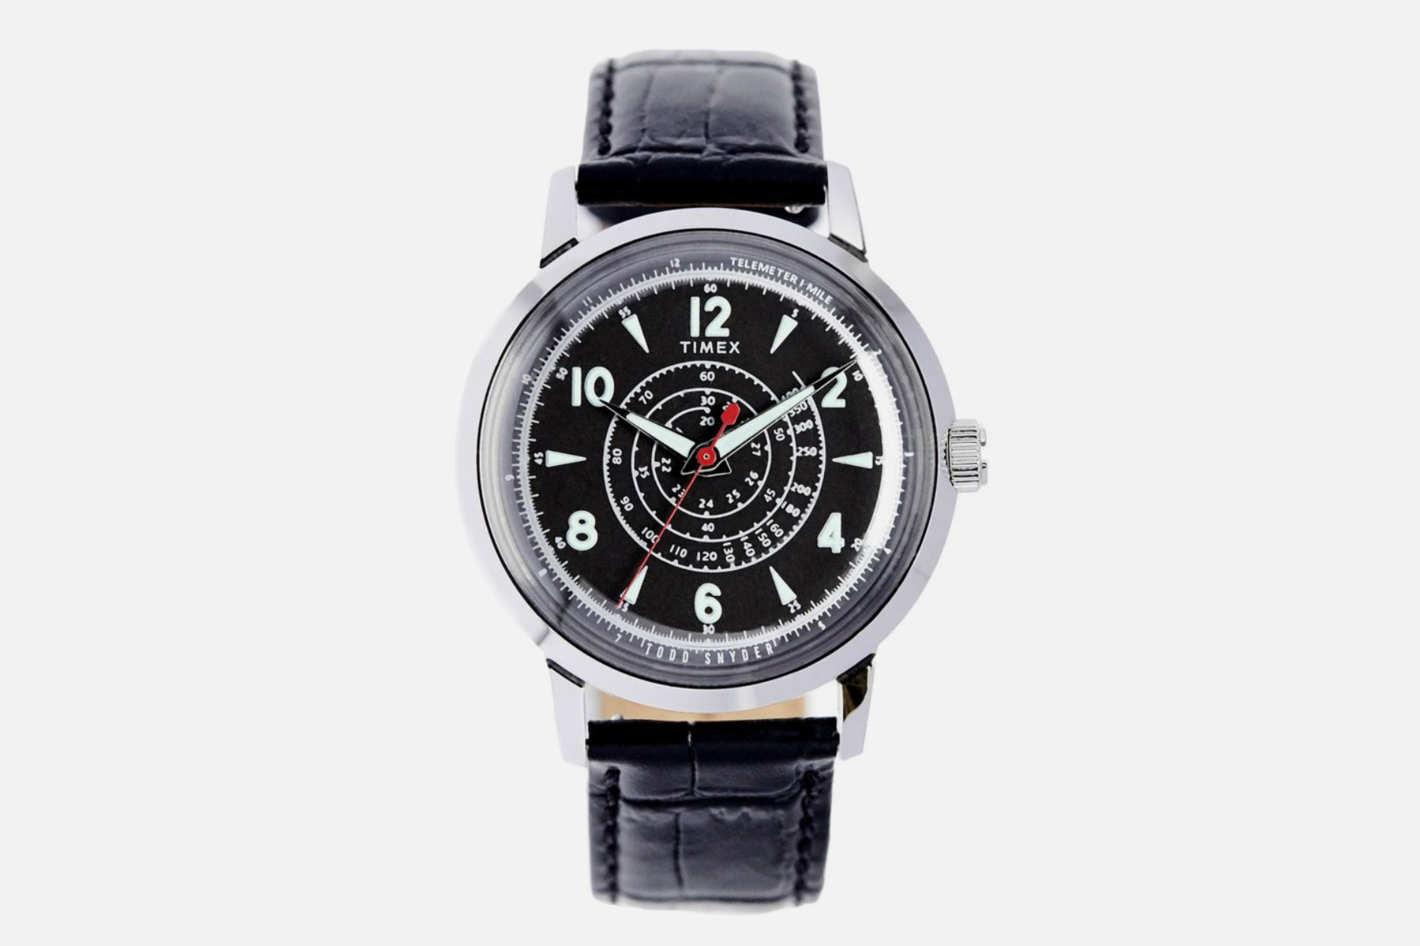 Timex Todd Snyder Beekman Watch